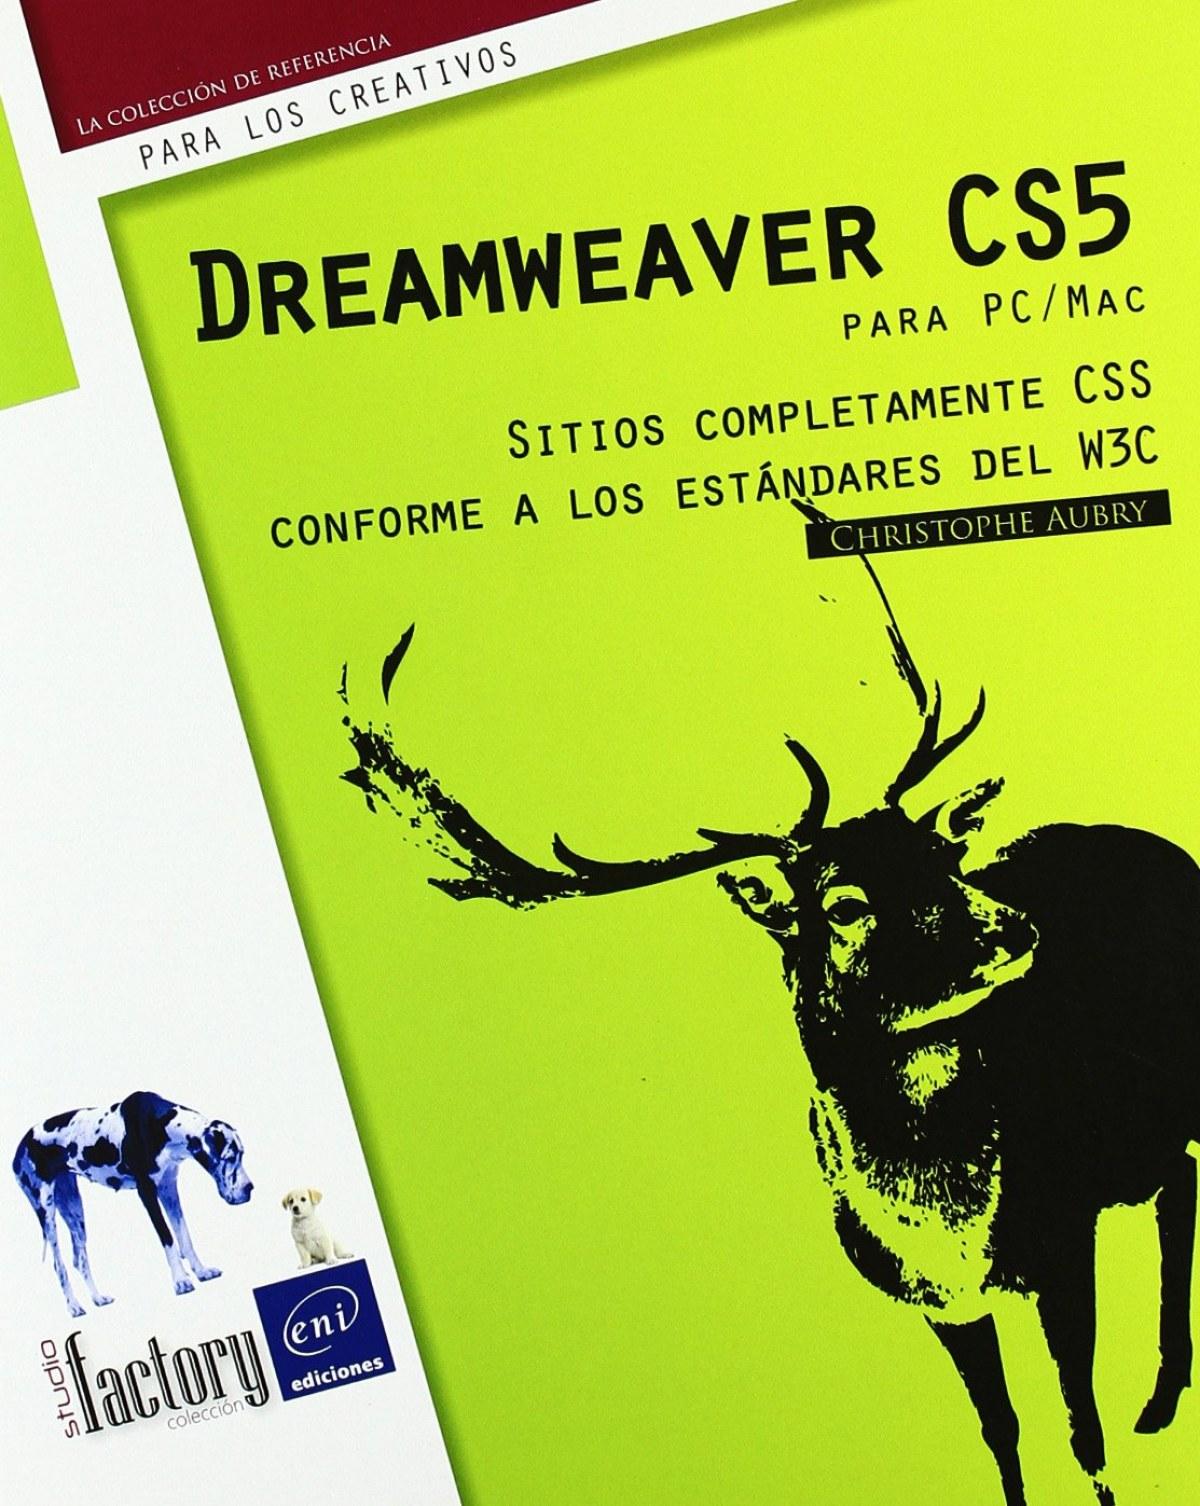 Studio Factory Dreamweaver CS5